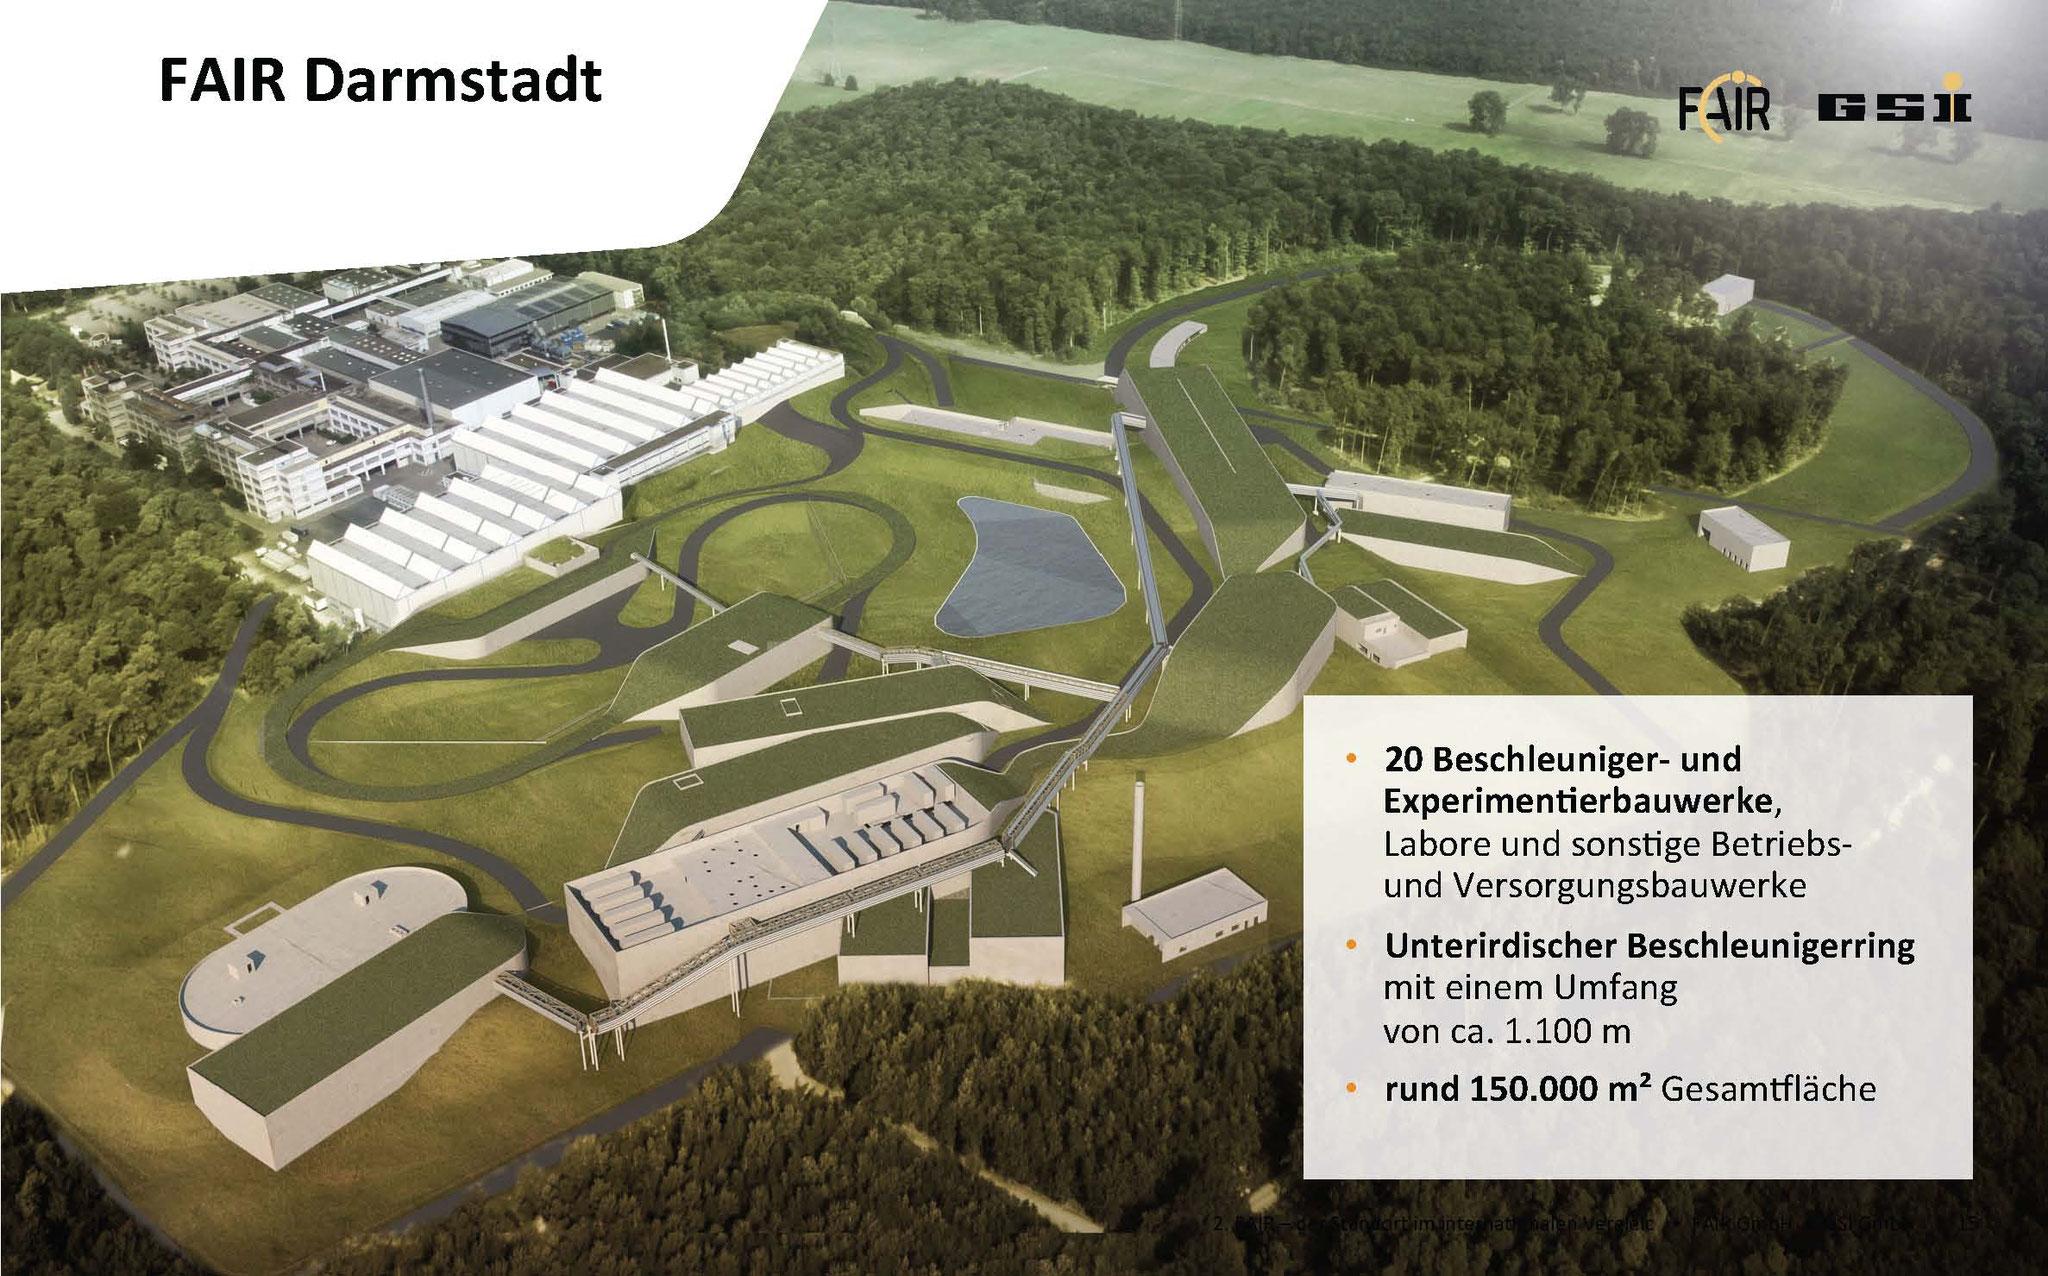 FAIR Darmstadt